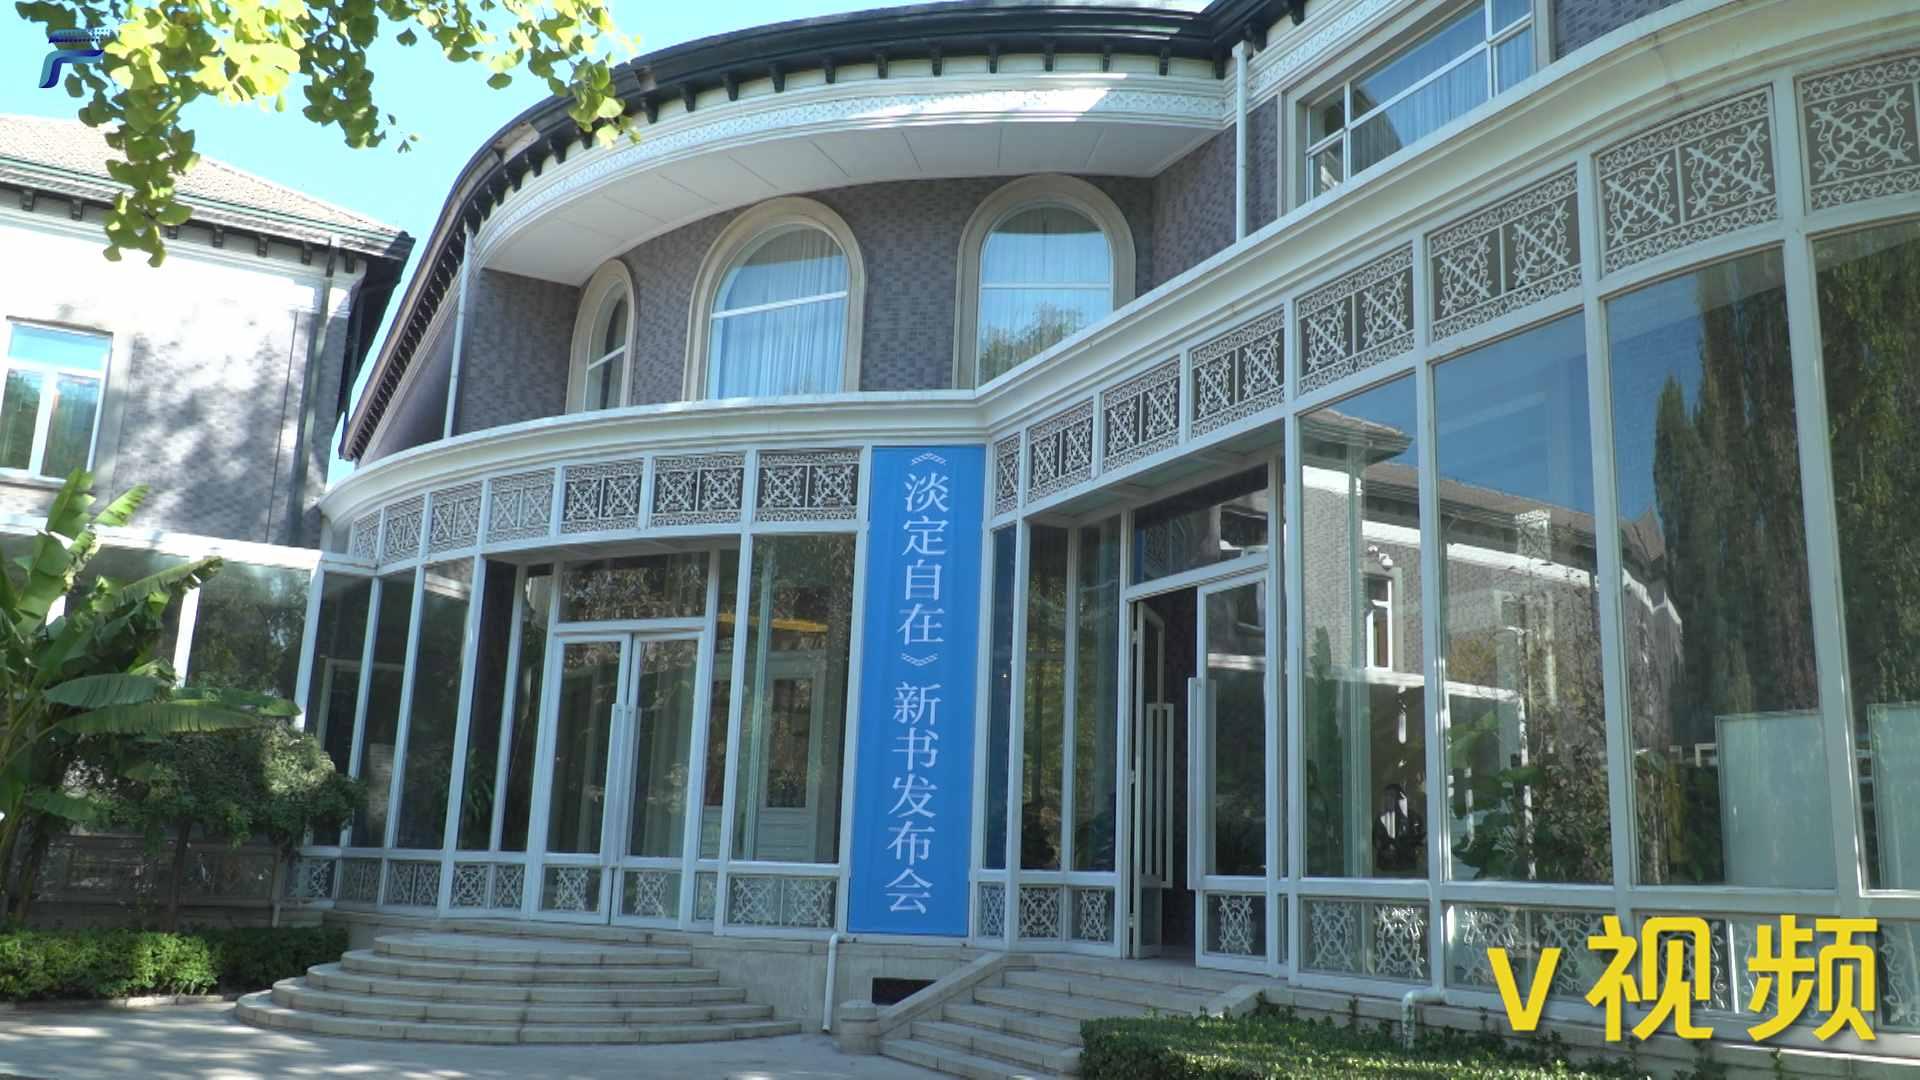 美籍华人赵朱木兰传记《淡定自在》新书发布会在京举行